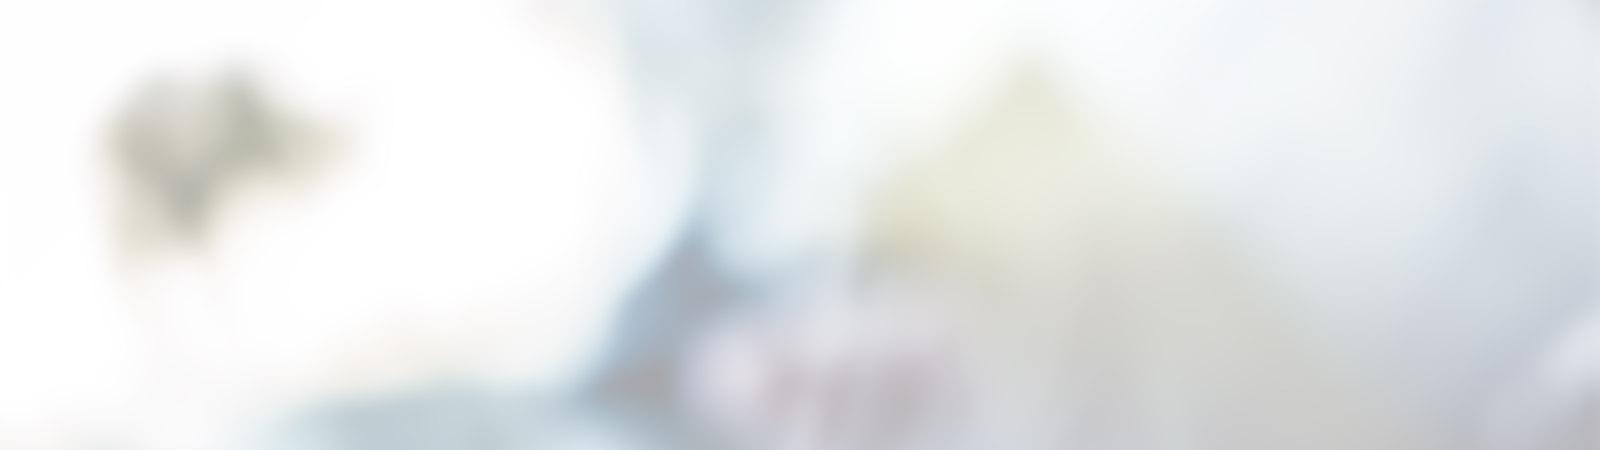 invert-default-slider-image